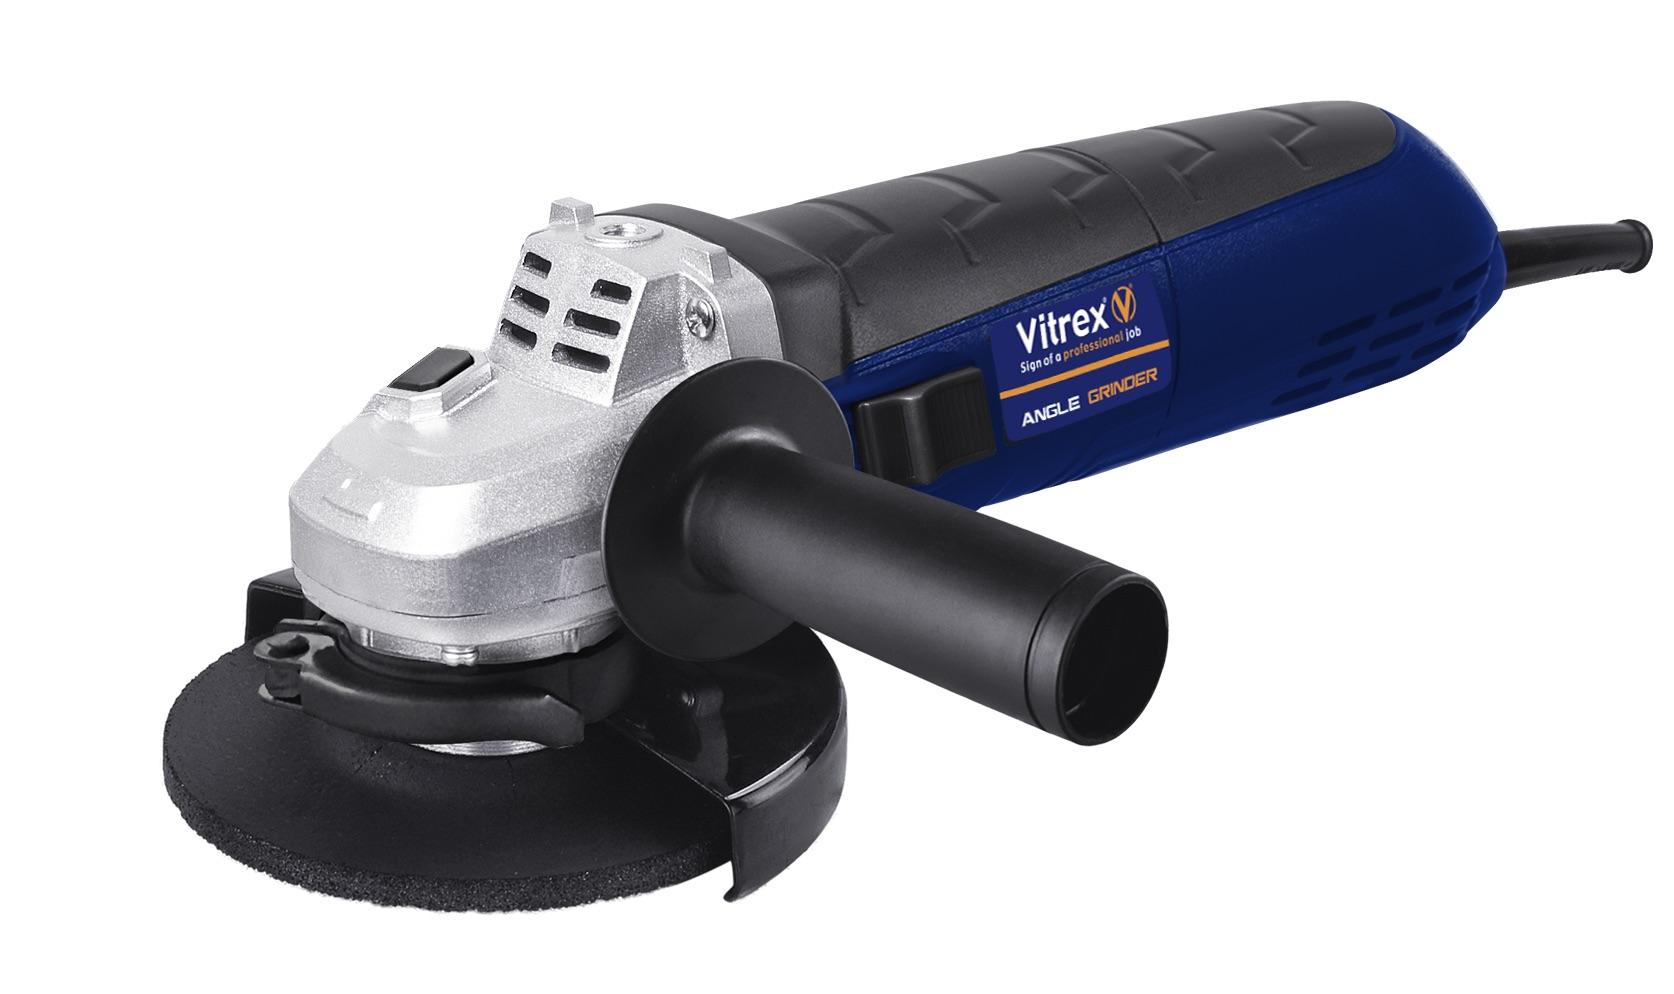 230 V électrique Grout Removal Tool-Vitrex vitgo 200vt